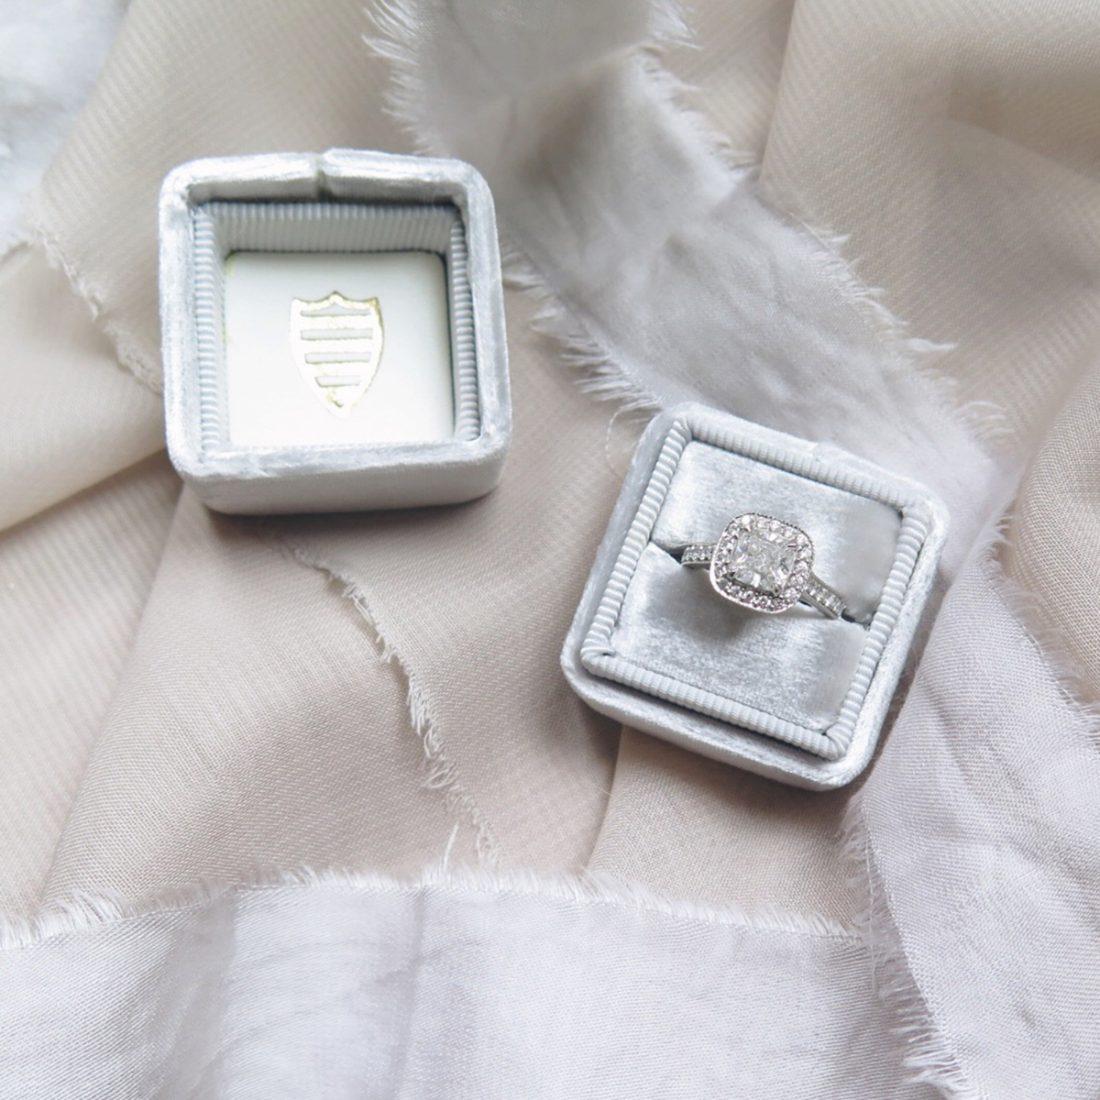 Cushion-cut-engagment-ring-detail